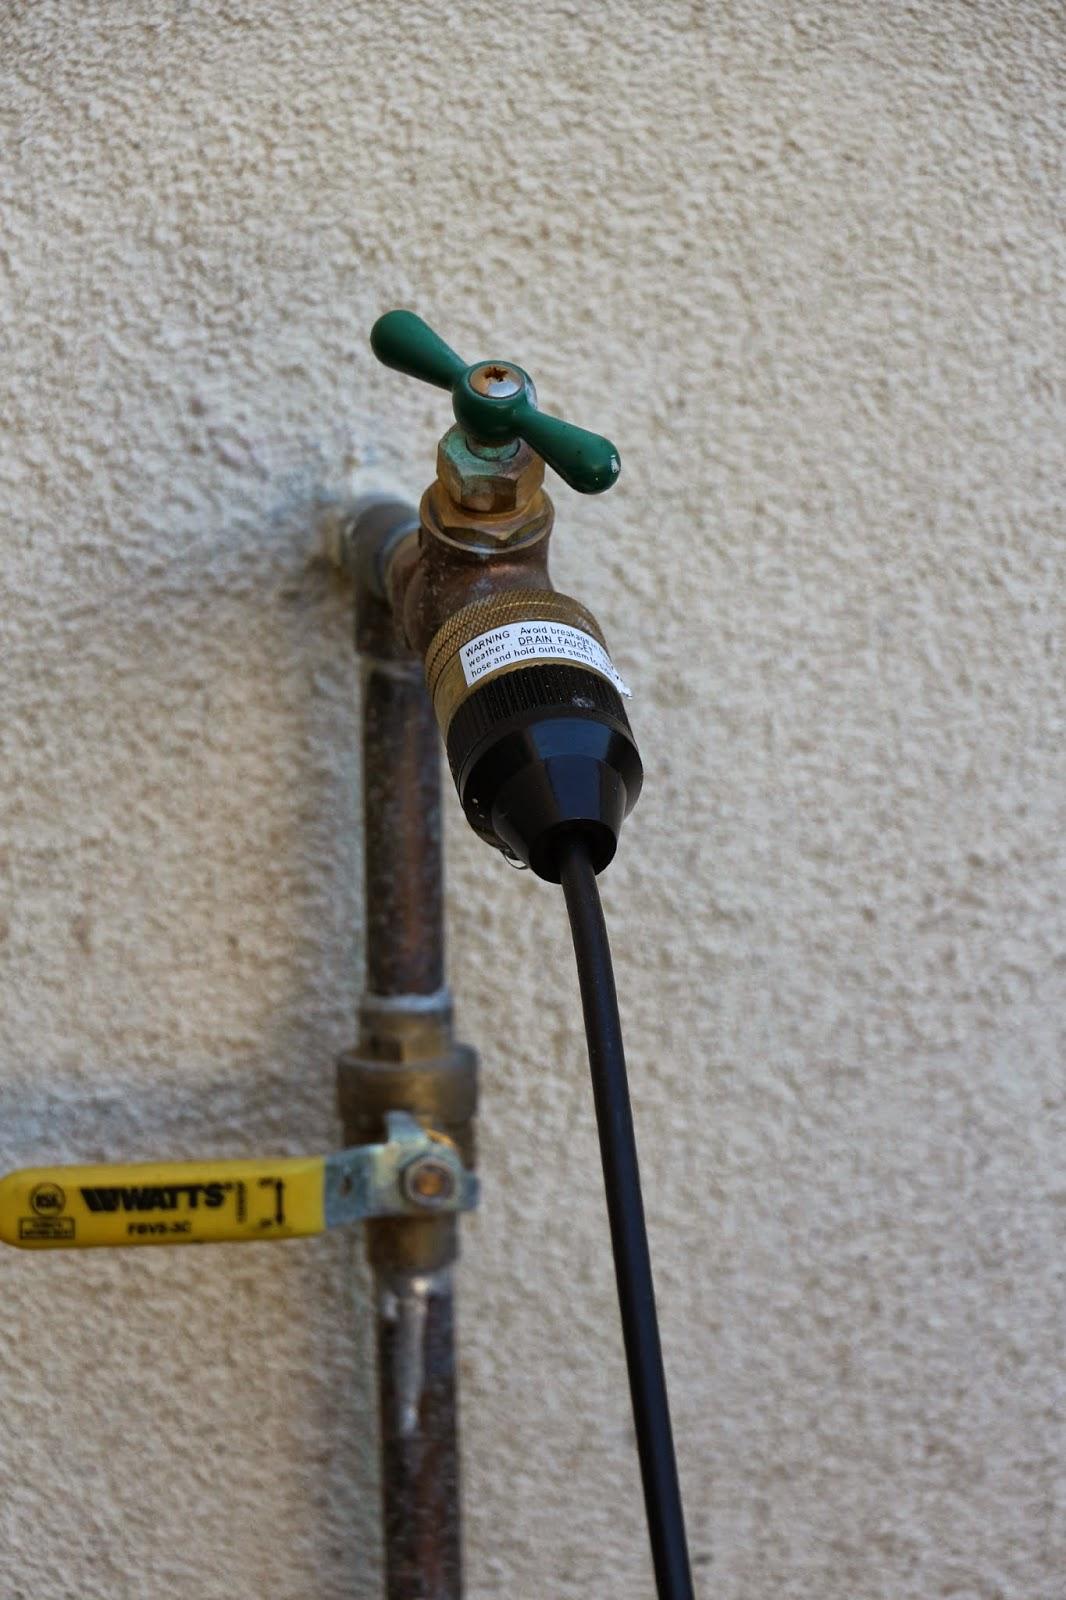 fountain refill valve hook up, fountain hookup, refill valve hookup